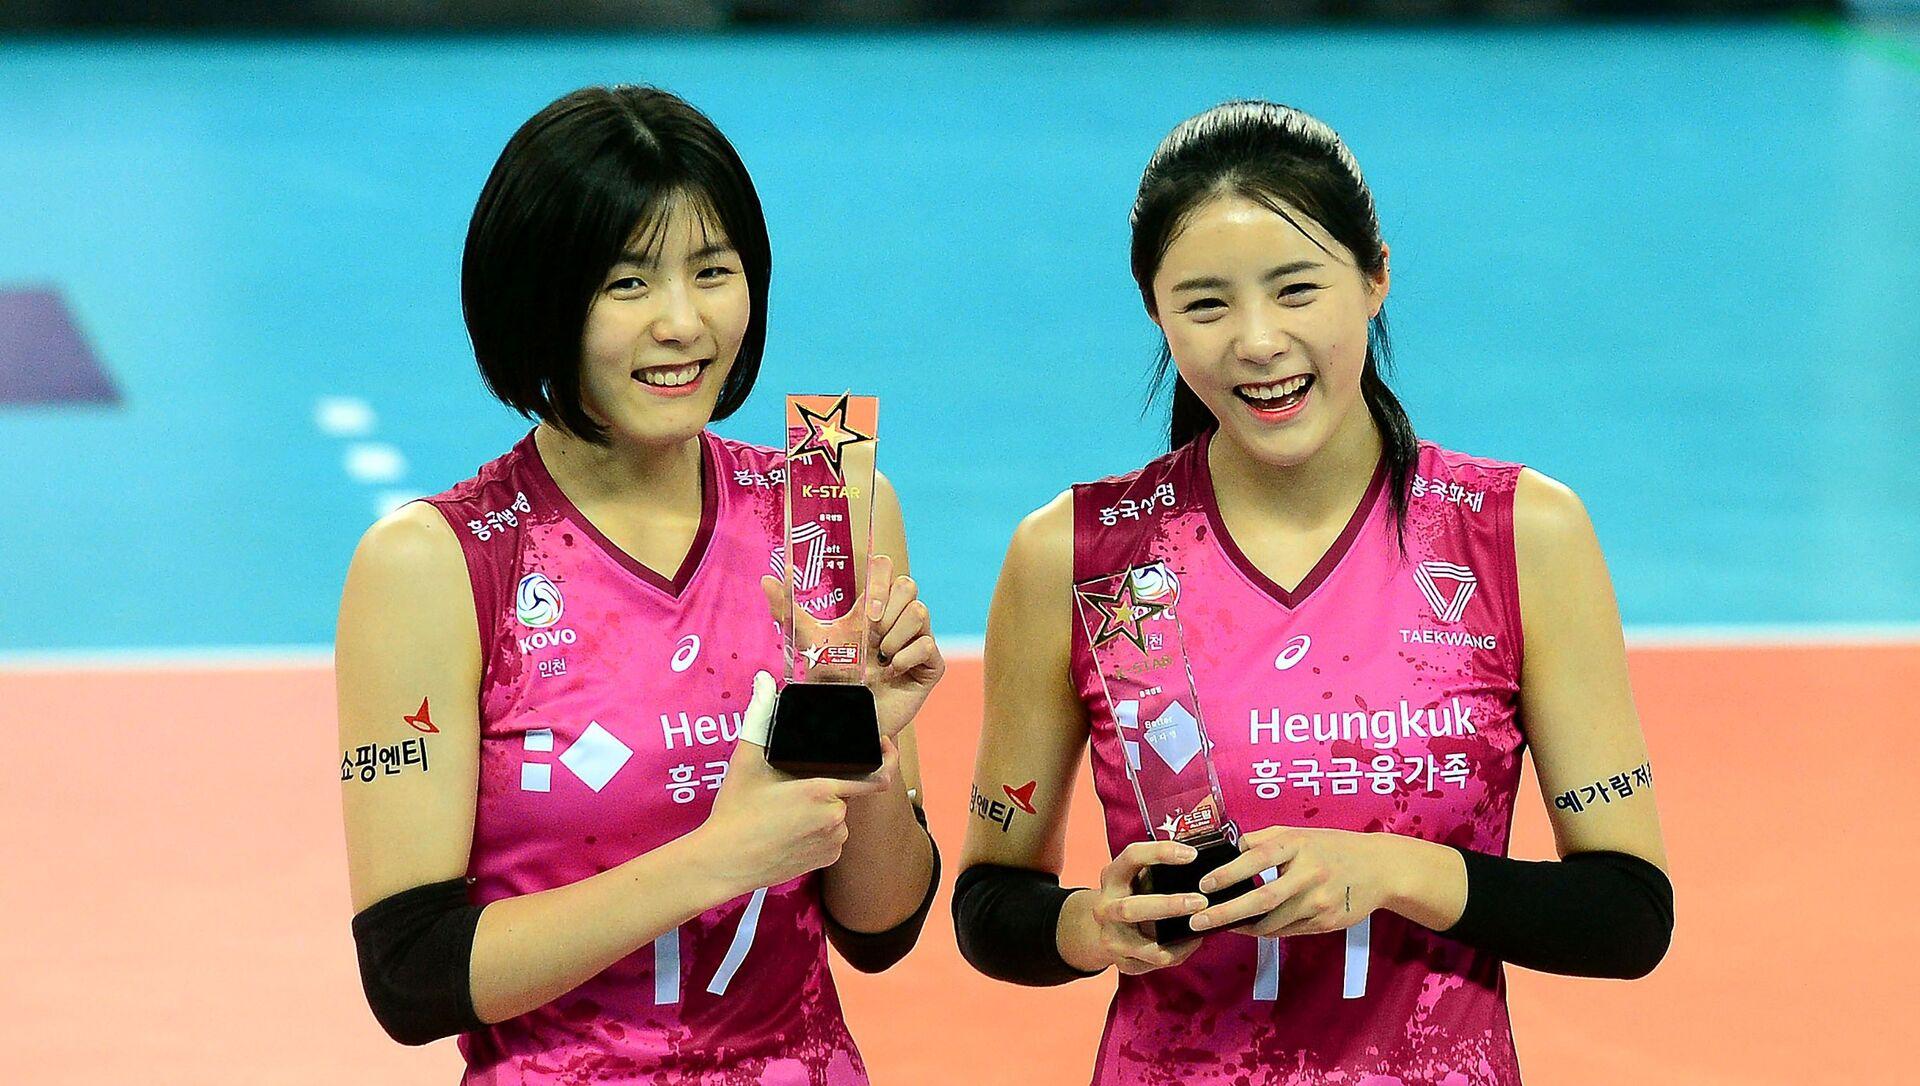 Các cầu thủ bóng chuyền Hàn Quốc Li Zheyen và Li Daen - Sputnik Việt Nam, 1920, 14.03.2021